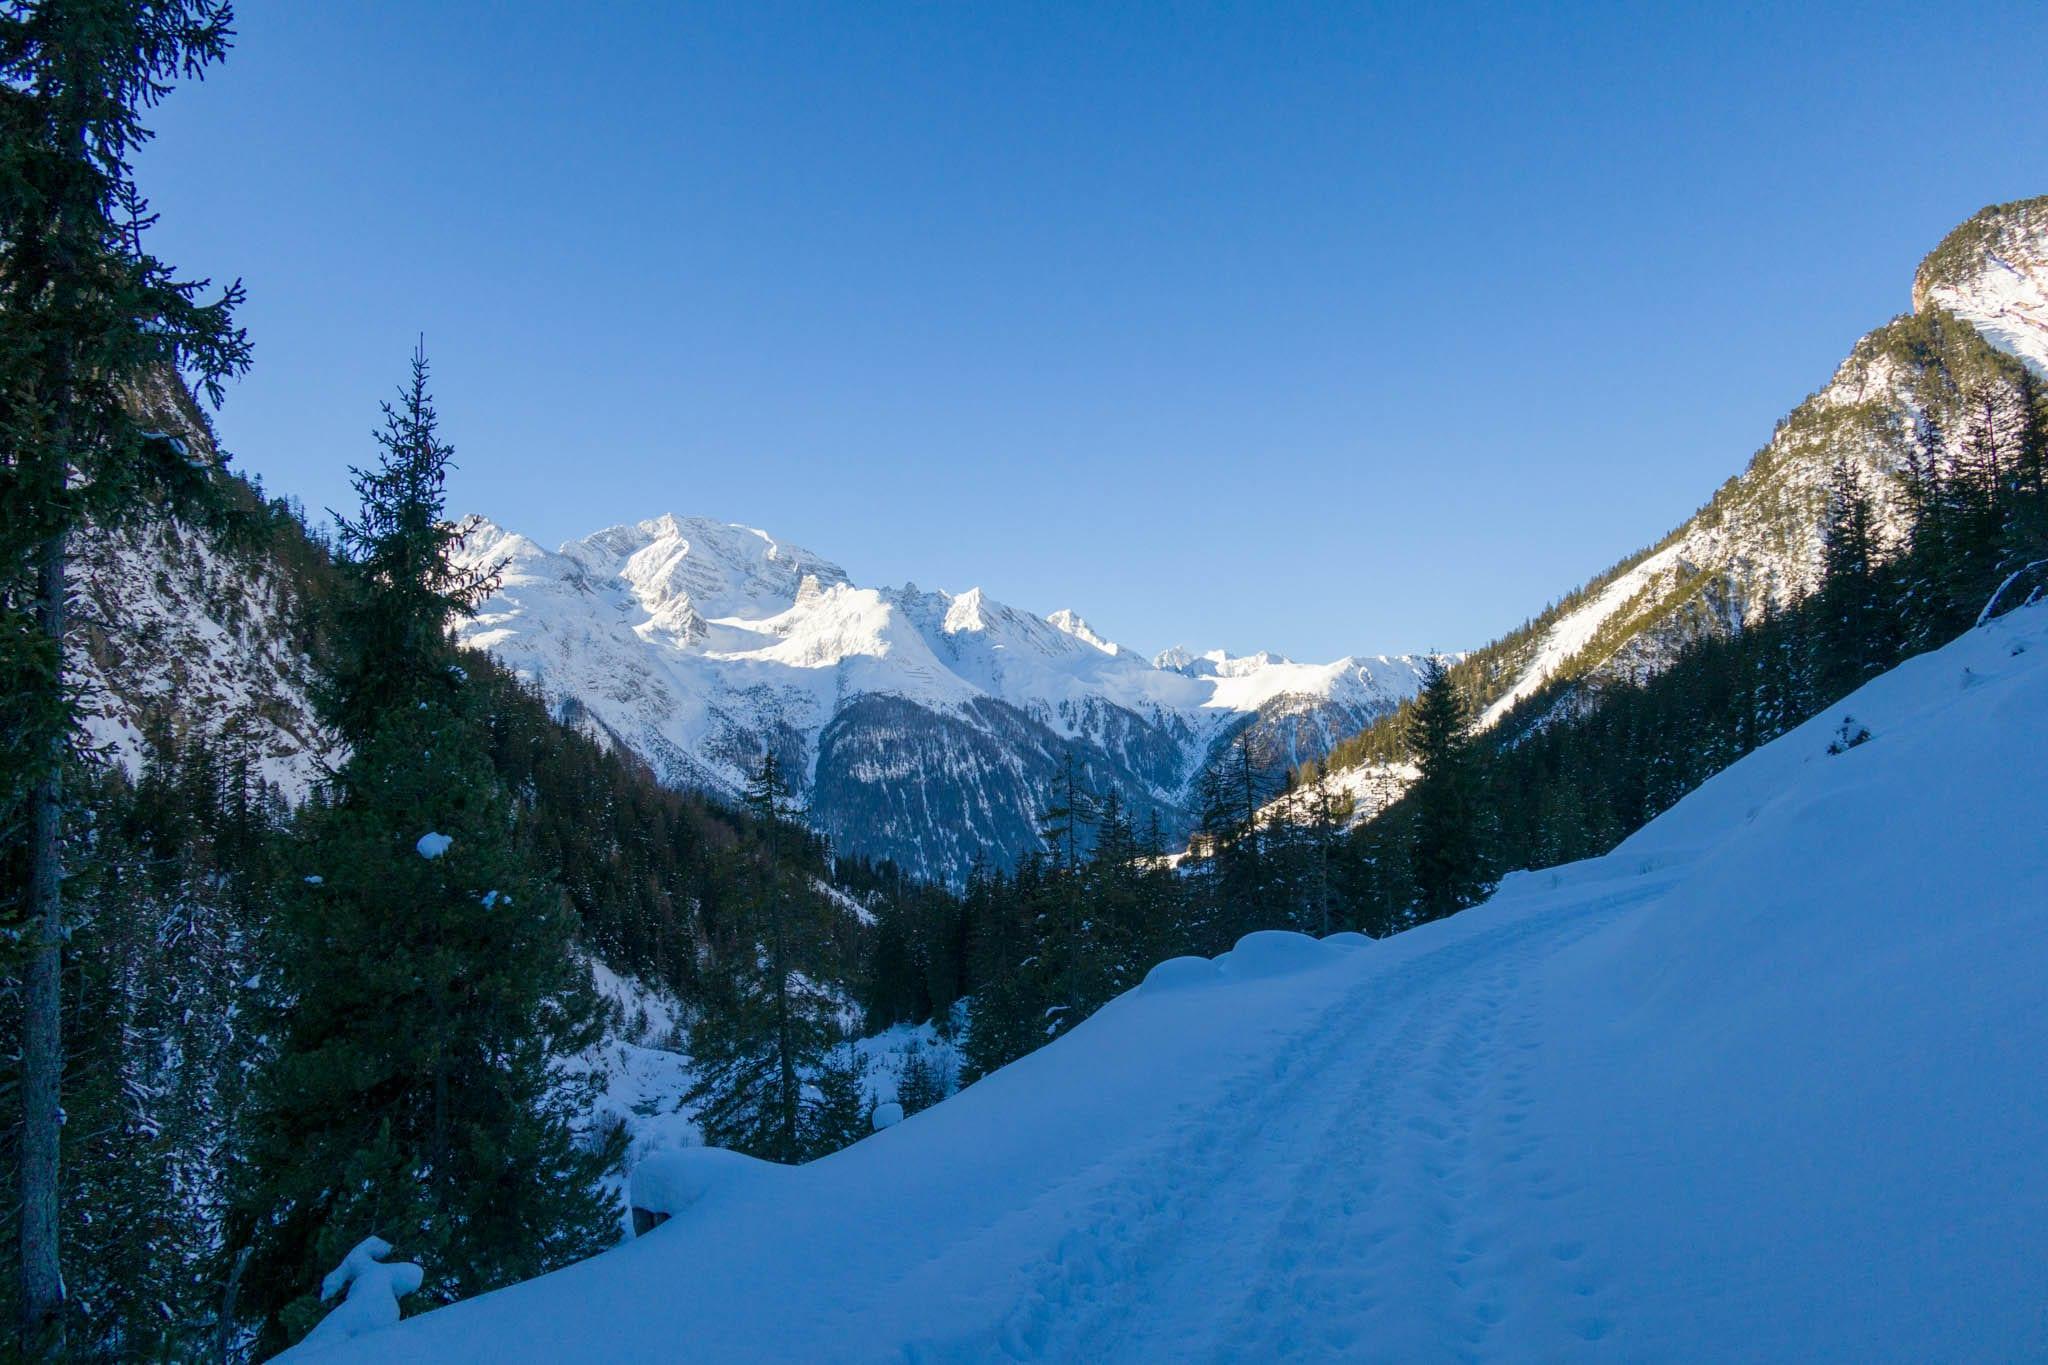 Keschhütte Jan 2018